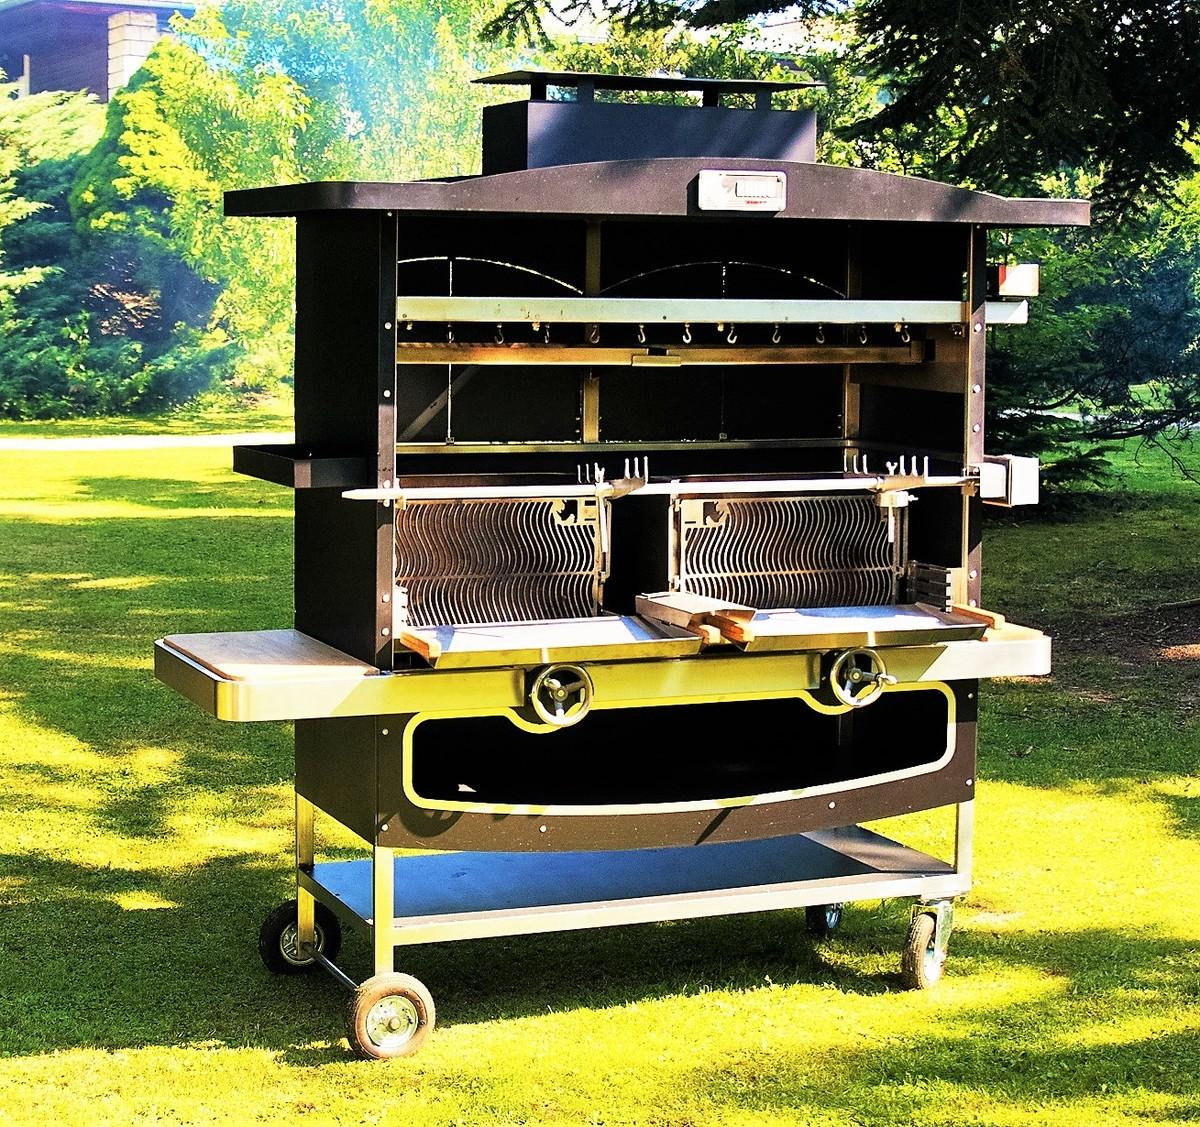 Barbecue haut de gamme tournebroche rhino grill